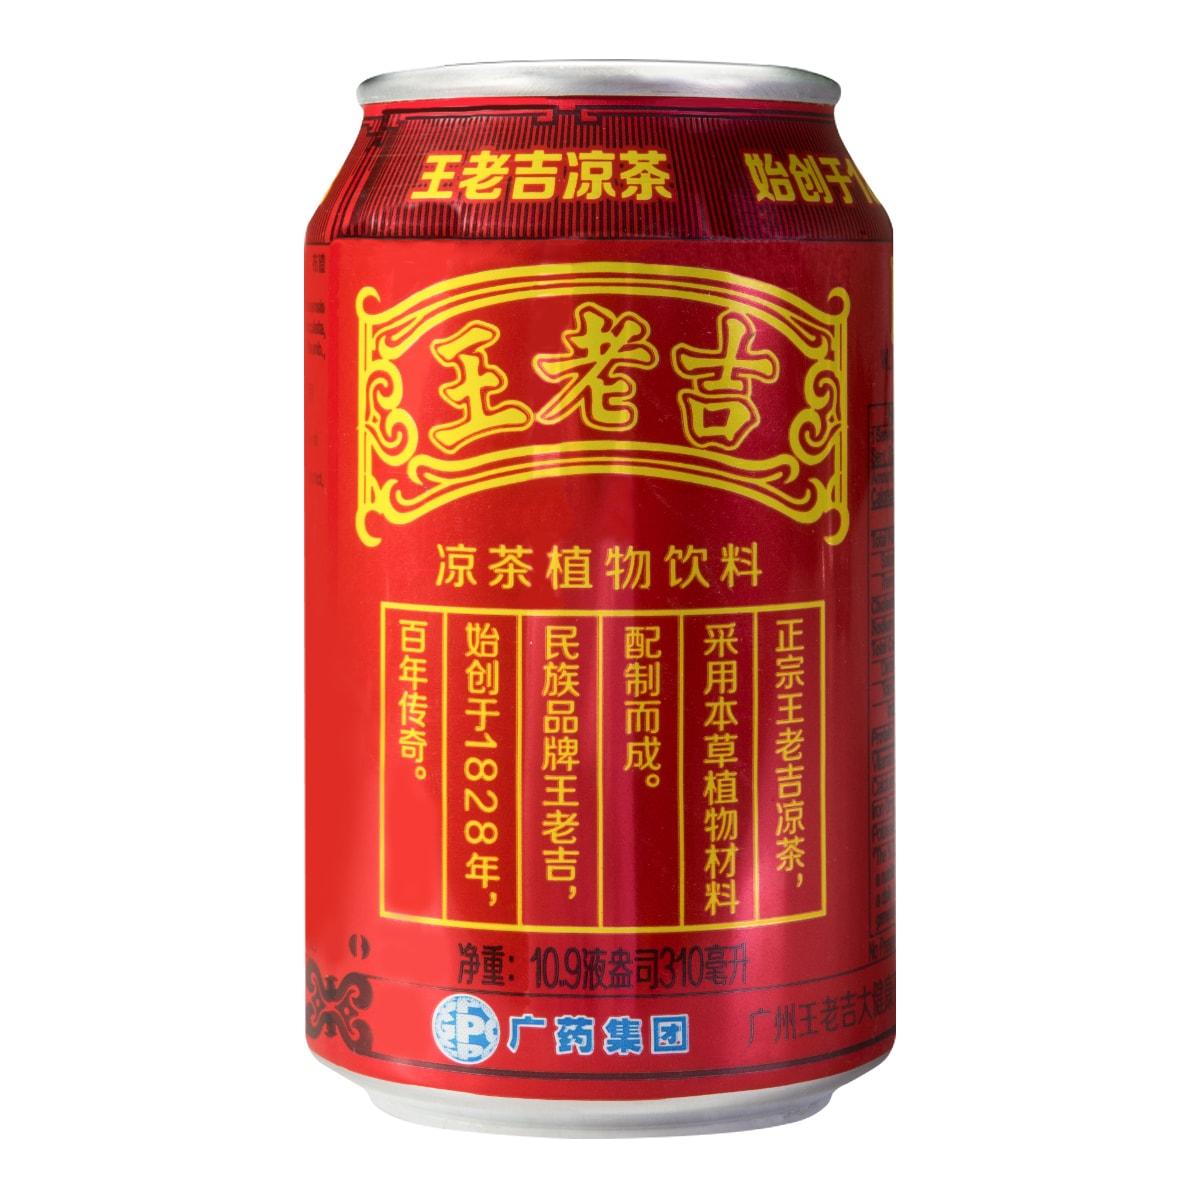 王老吉 凉茶植物饮料 310ml 不同包装随机发